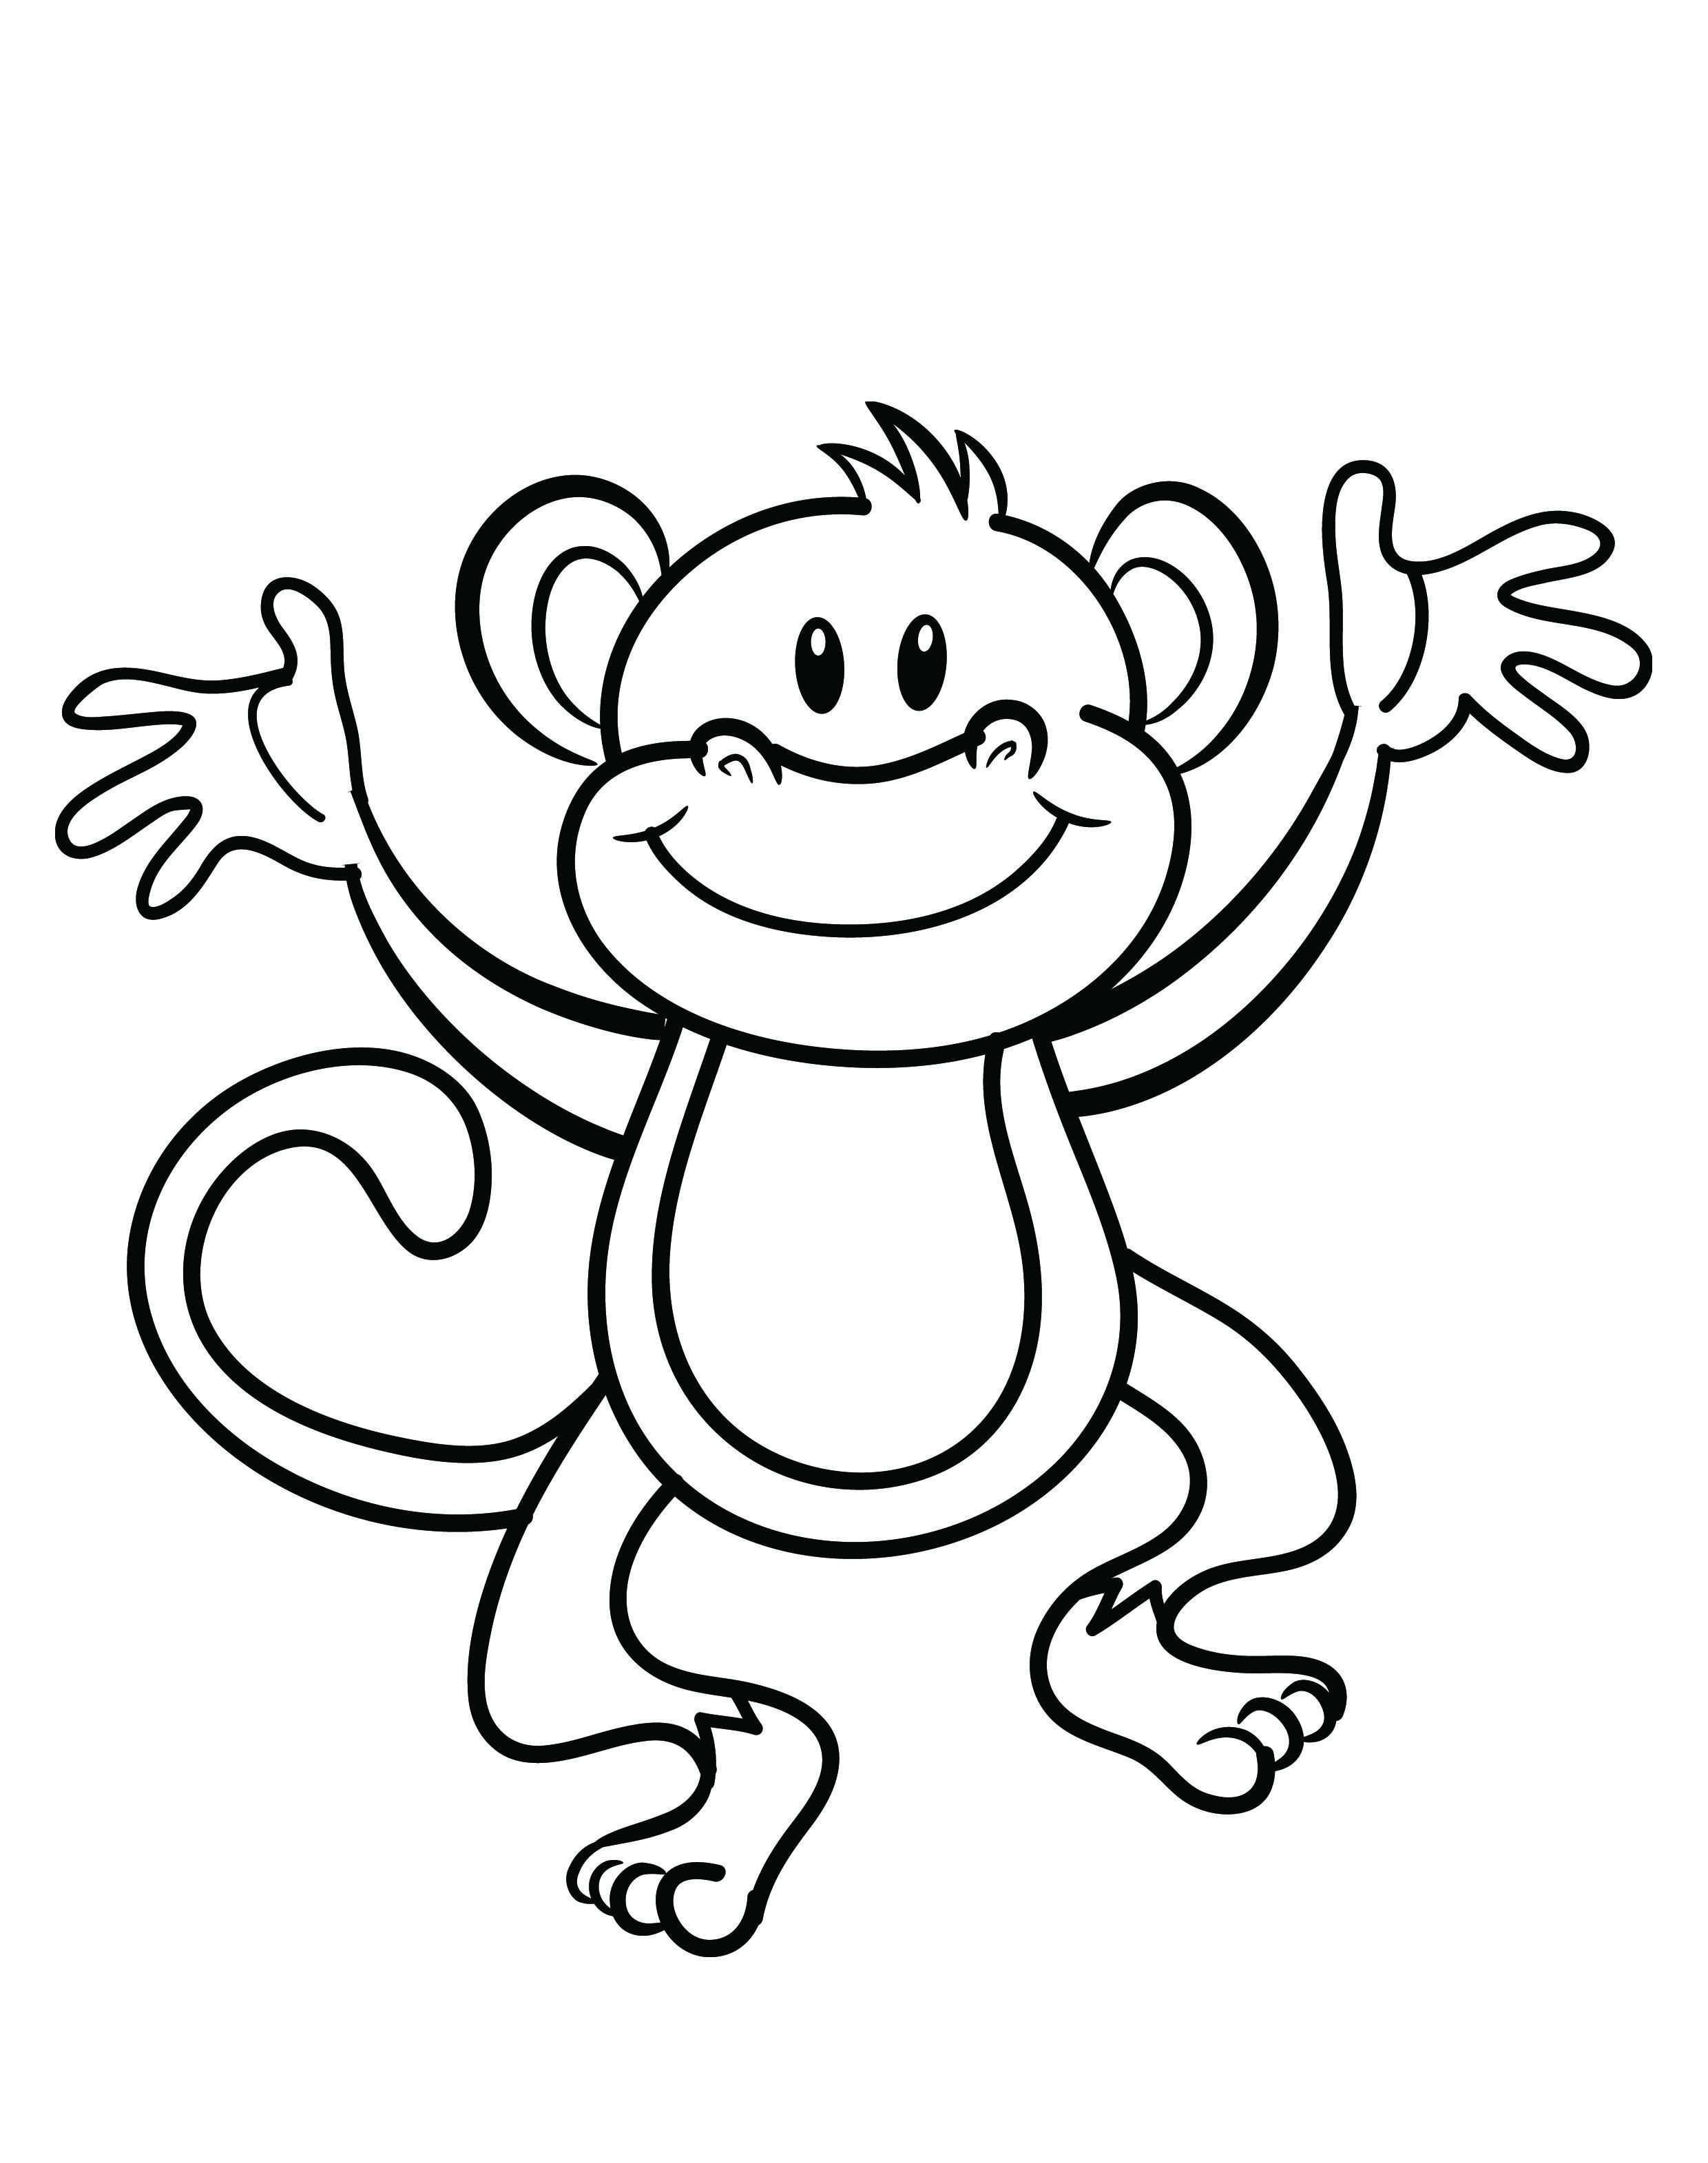 coloring page monkey free printable monkey coloring page monkey coloring coloring monkey page